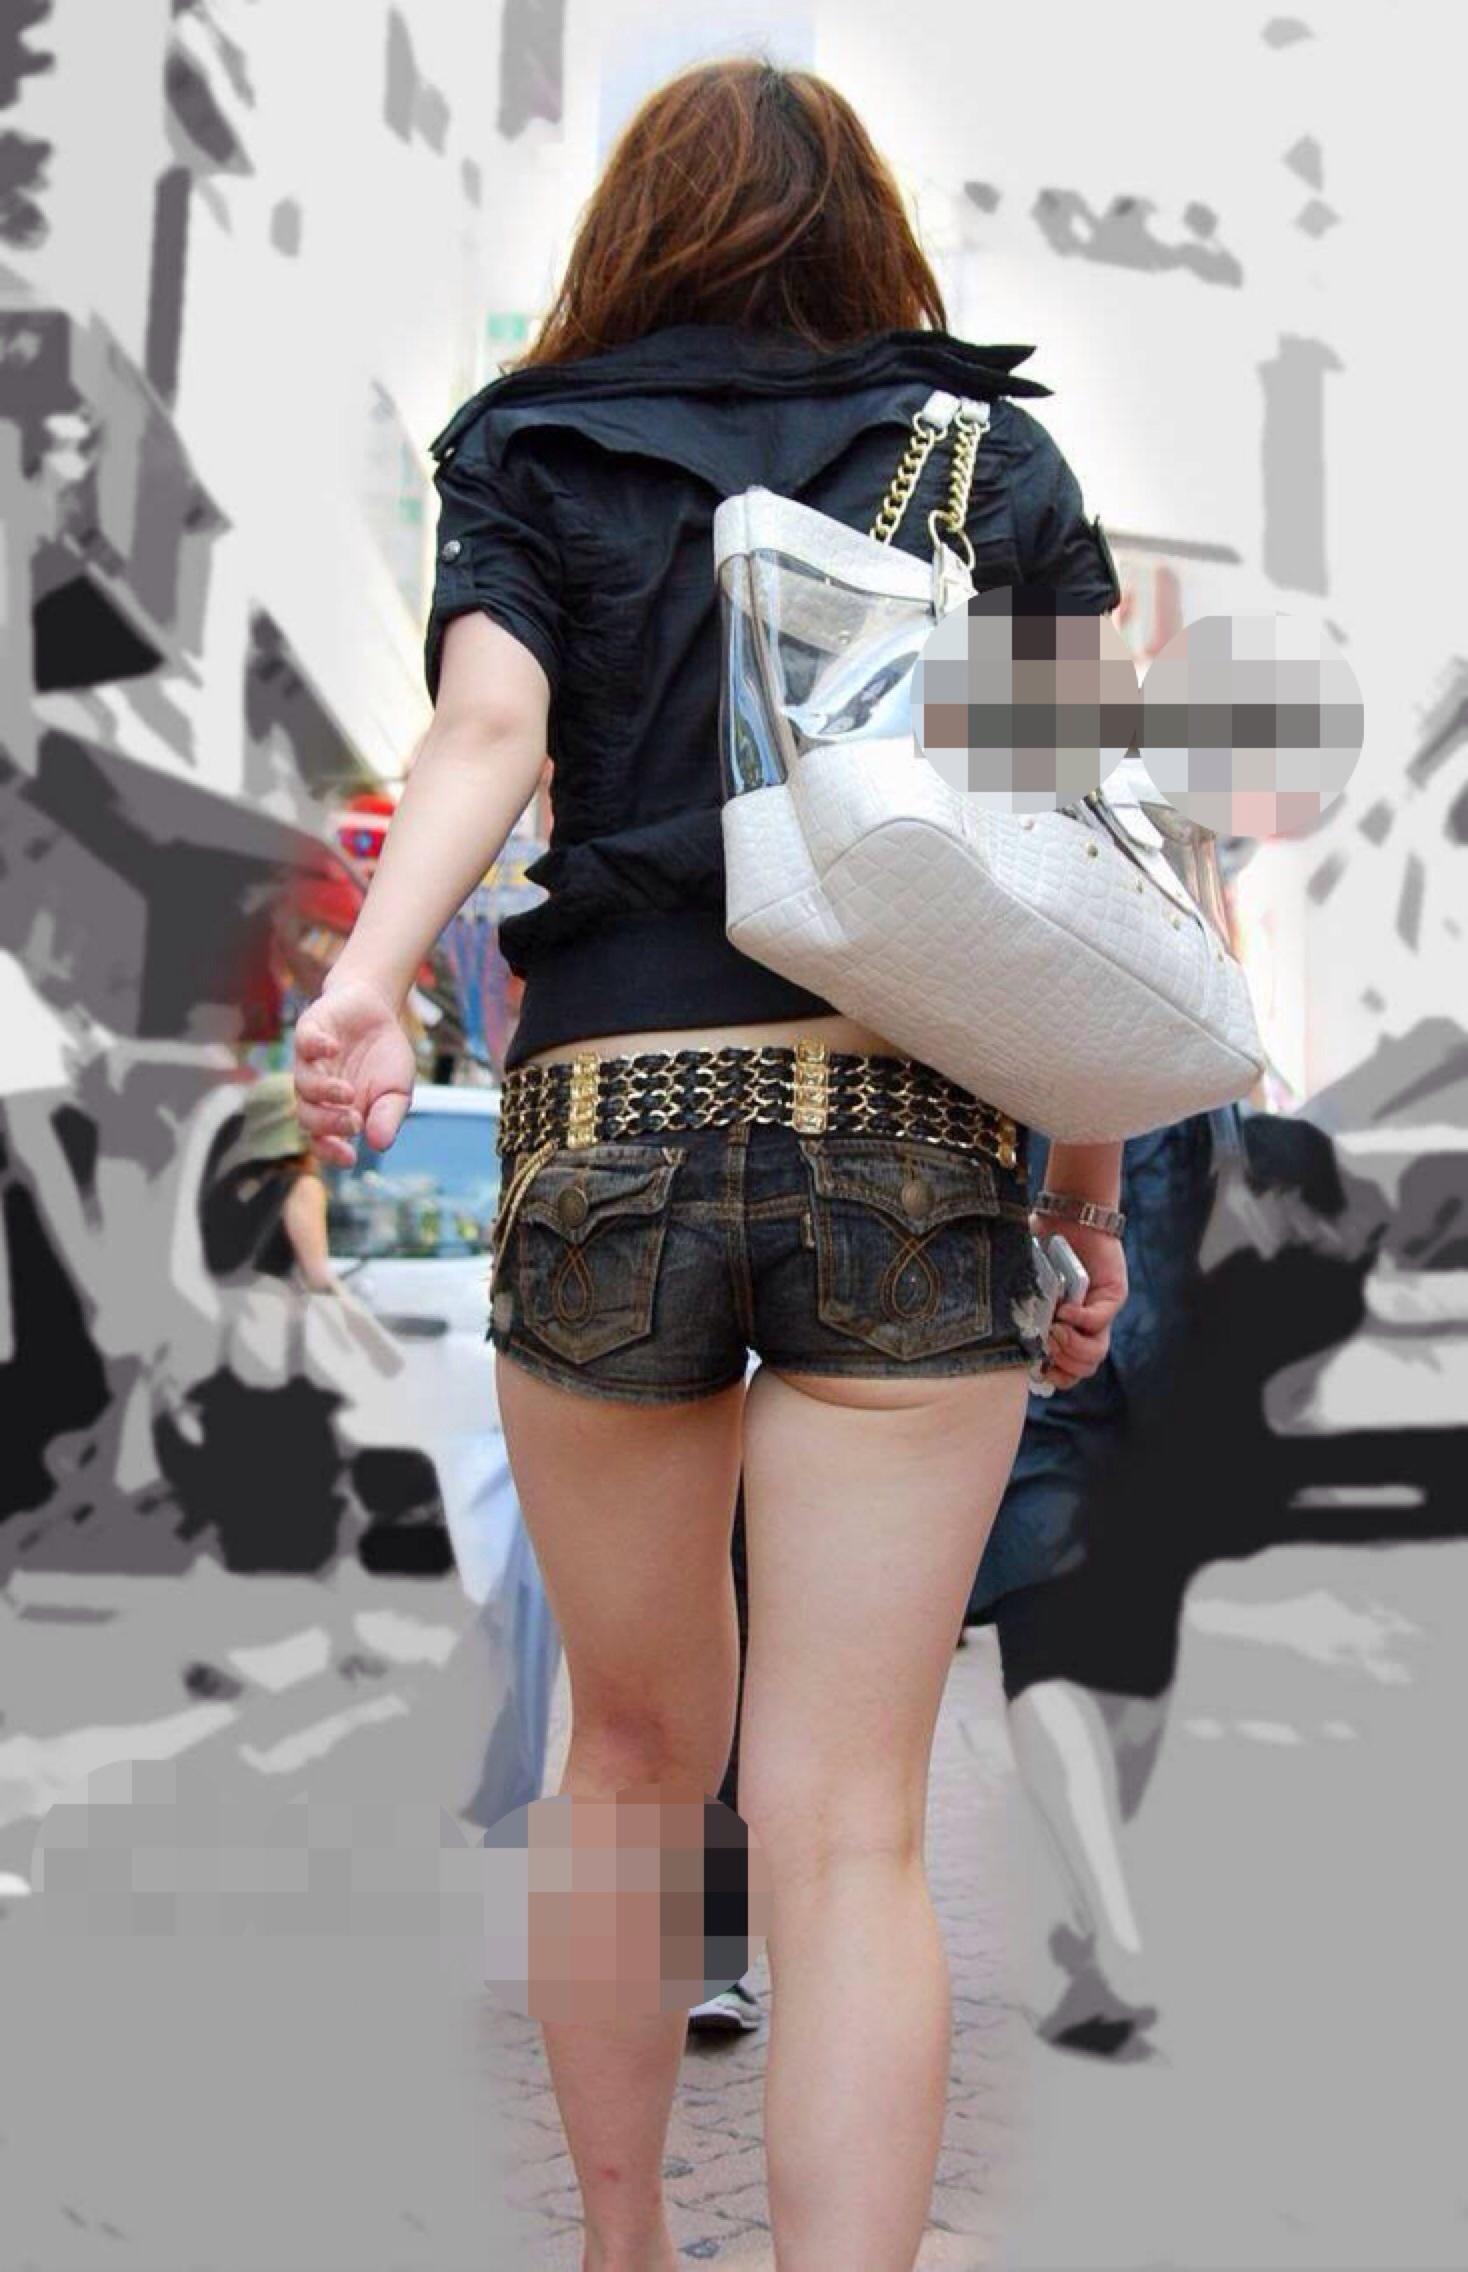 【尻チラエロ画像】裾から隠しきれない肉がwホットパンツ女子のワガママなハミ尻www 08